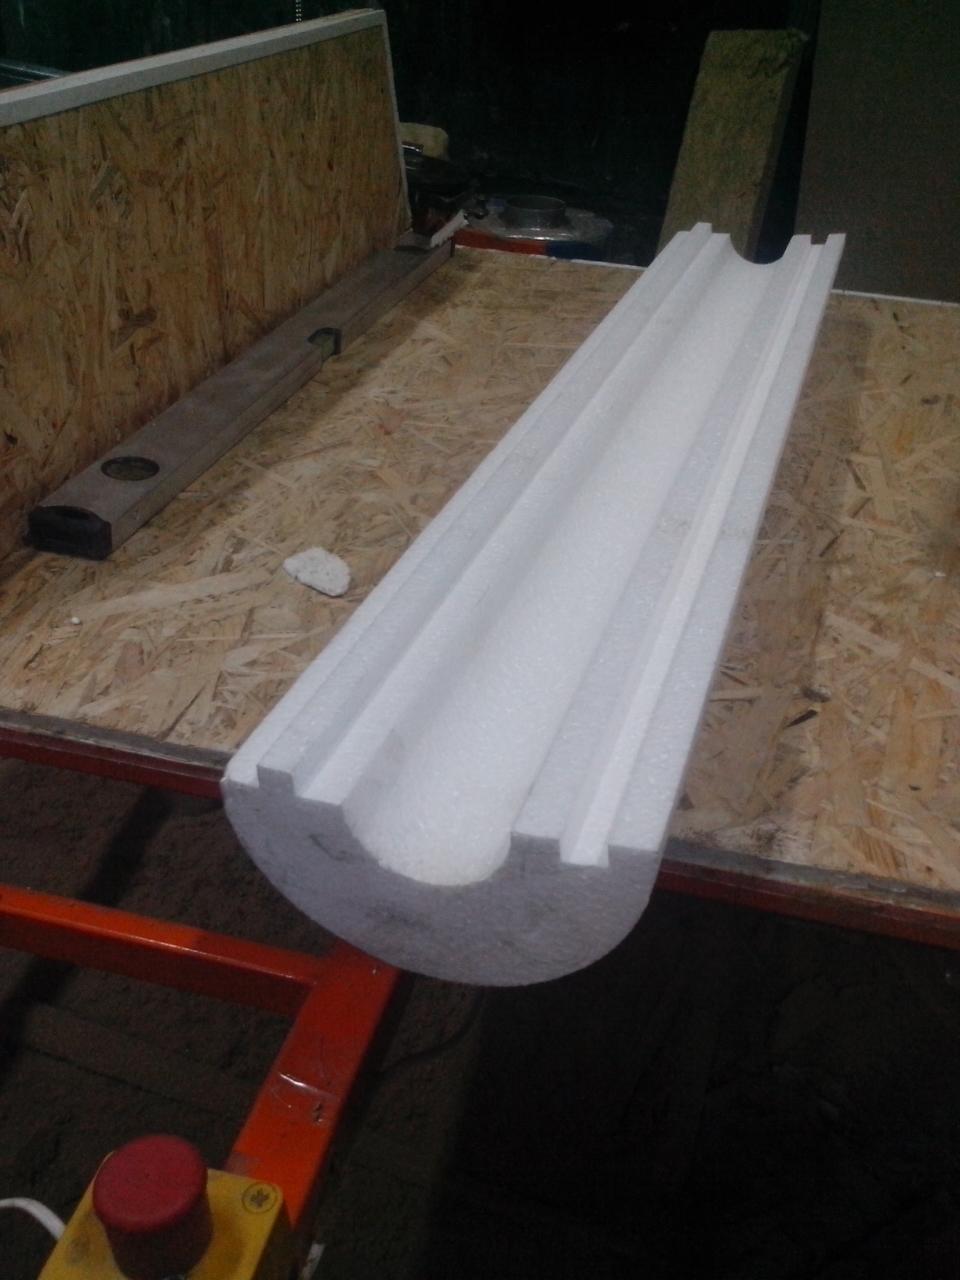 Утеплитель из пенопласта (пенополистирола) для труб Ø 168 мм толщиной 30 мм